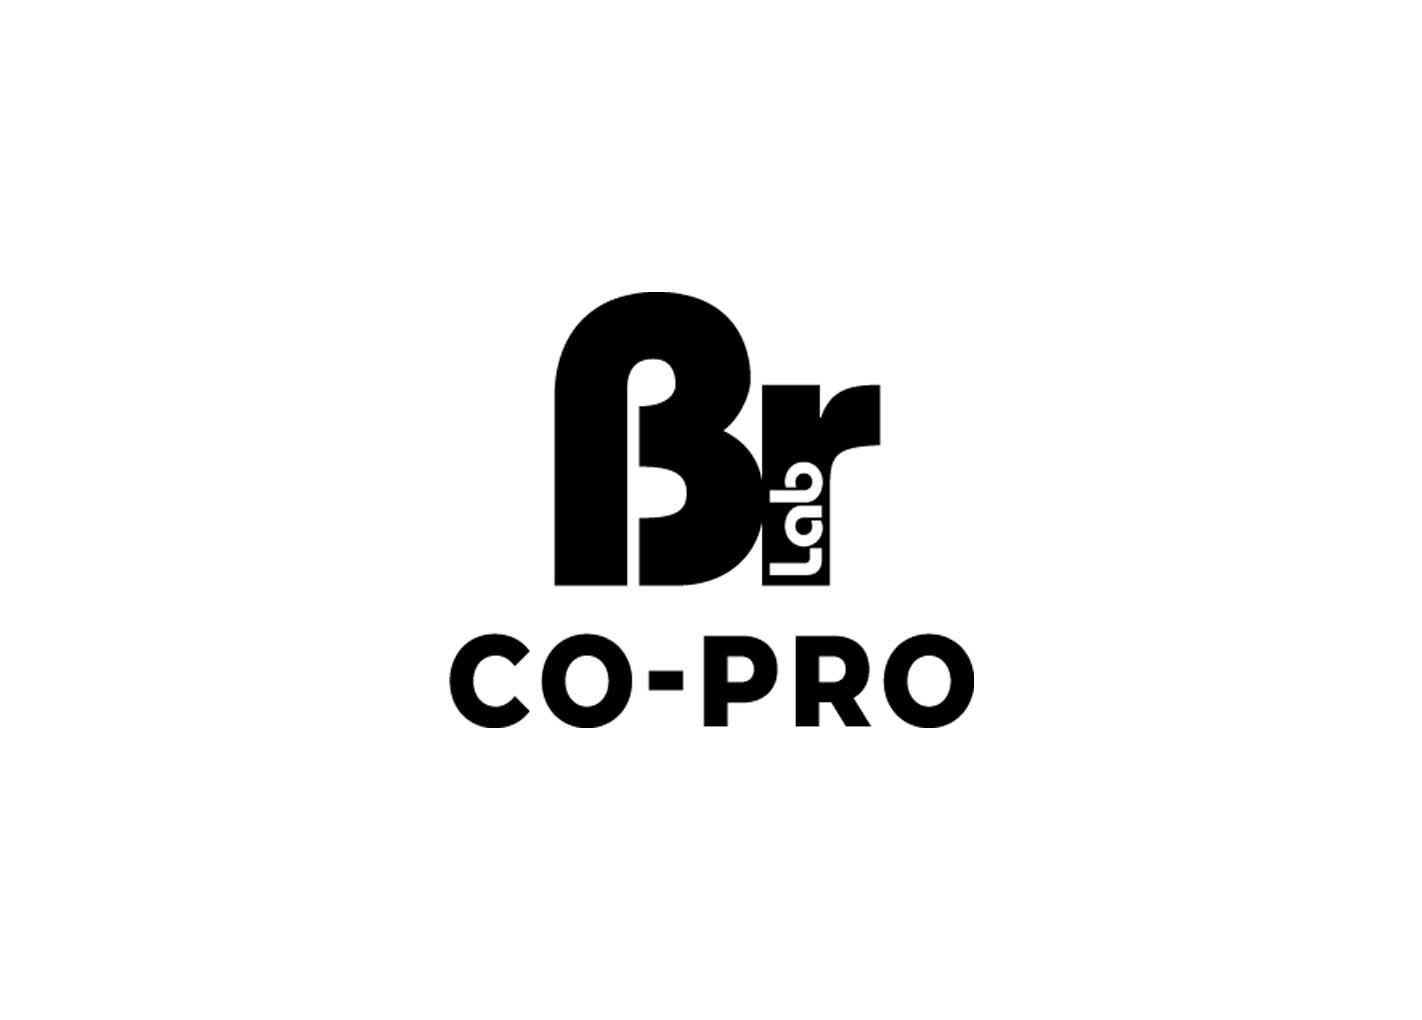 BrLab CoPro, novo encontro de coprodução, tem inscrições abertas até 20 de julho